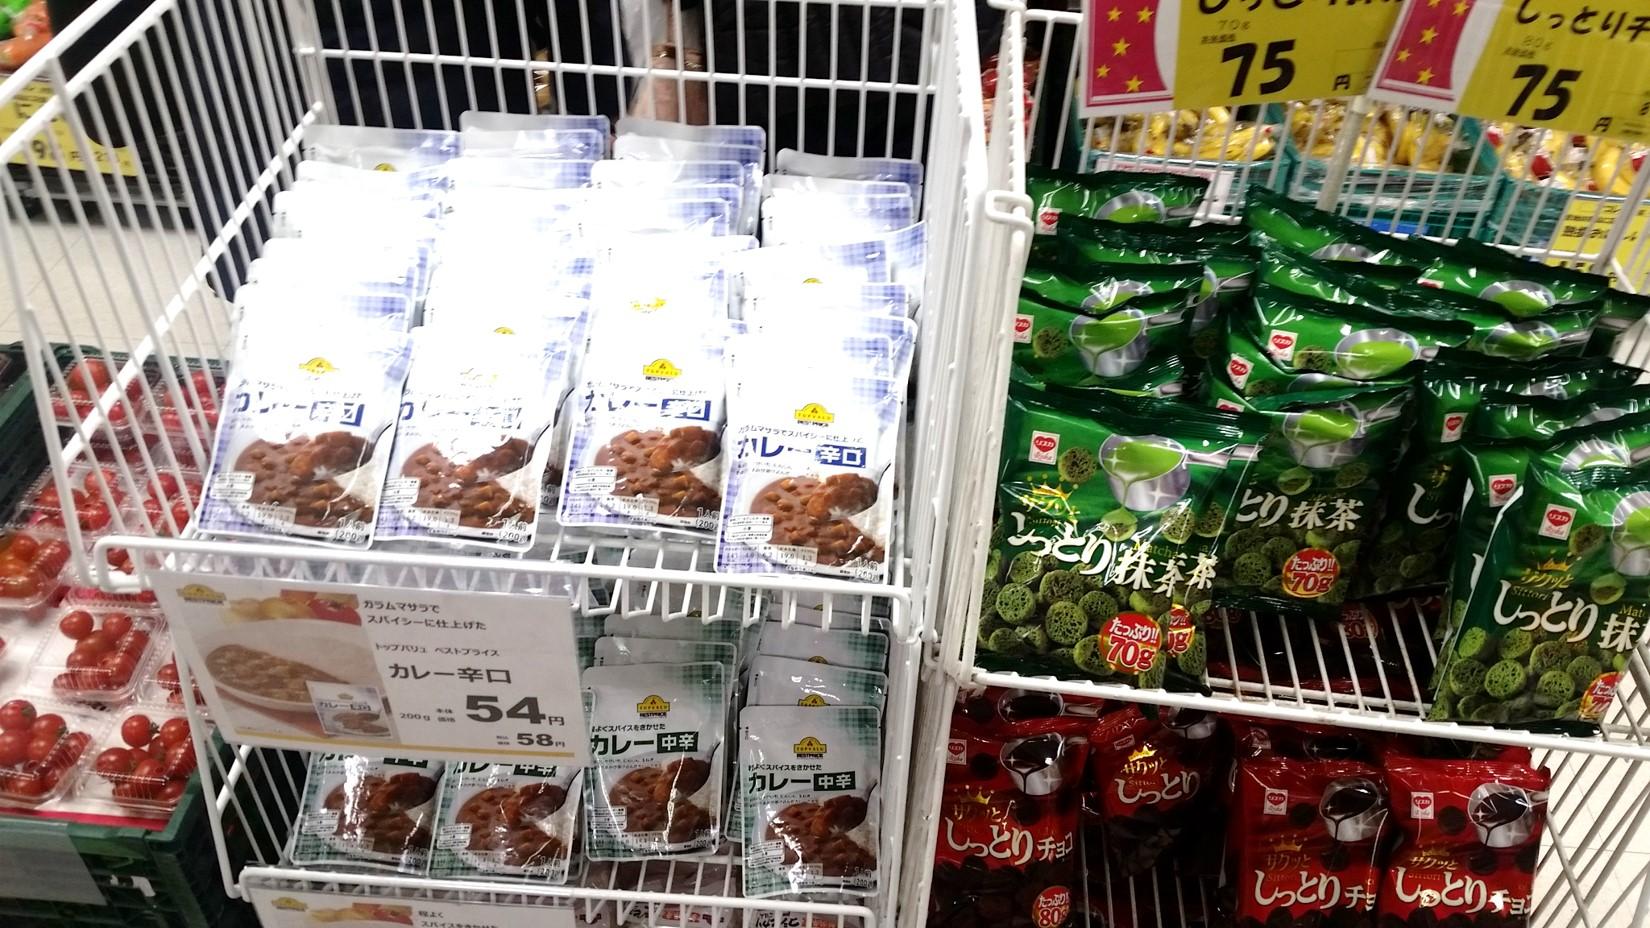 小竹向原 アコレ 02カレー54円